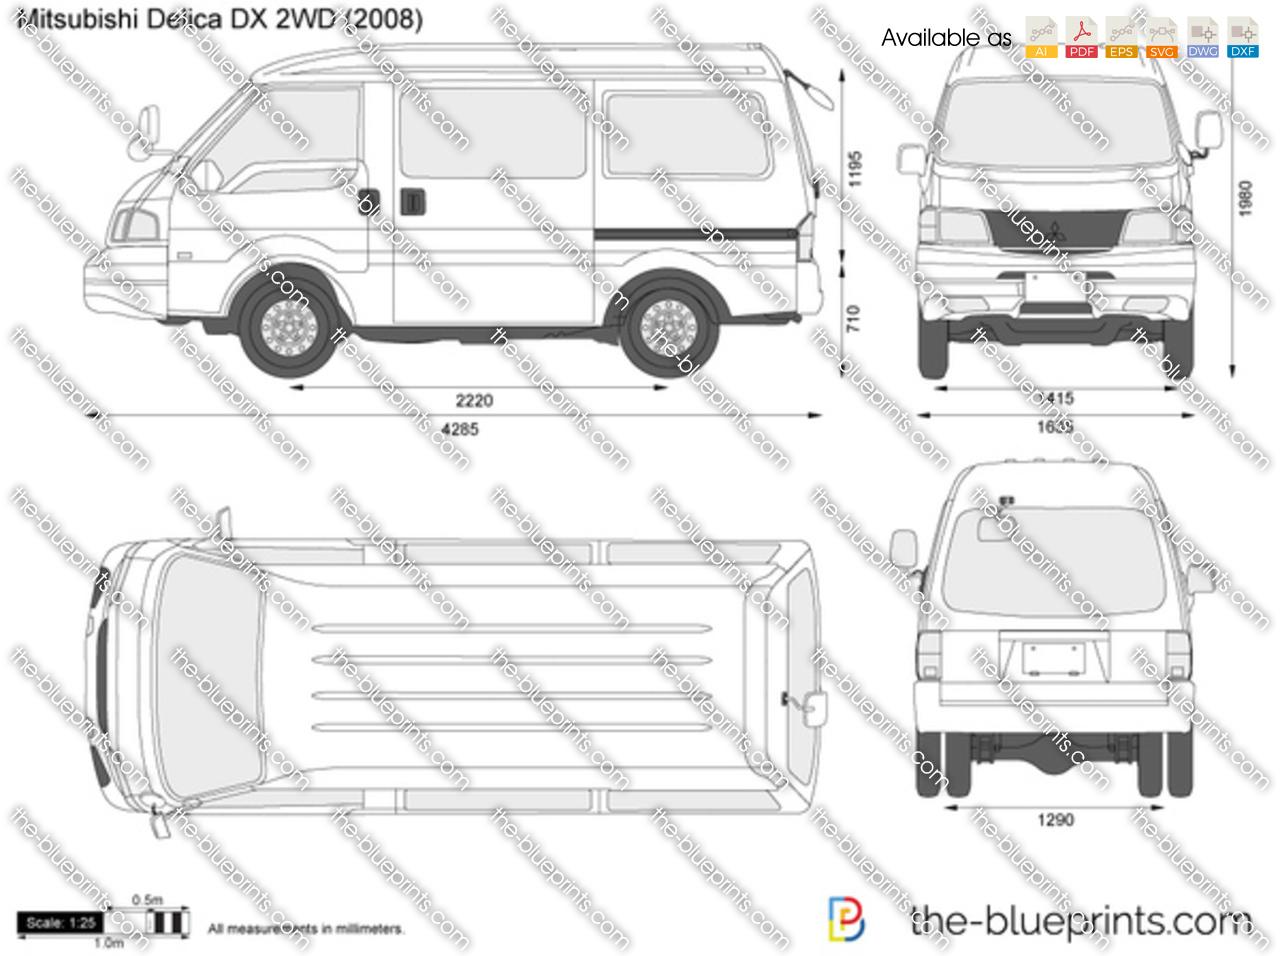 Mitsubishi Delica DX 2WD 1990